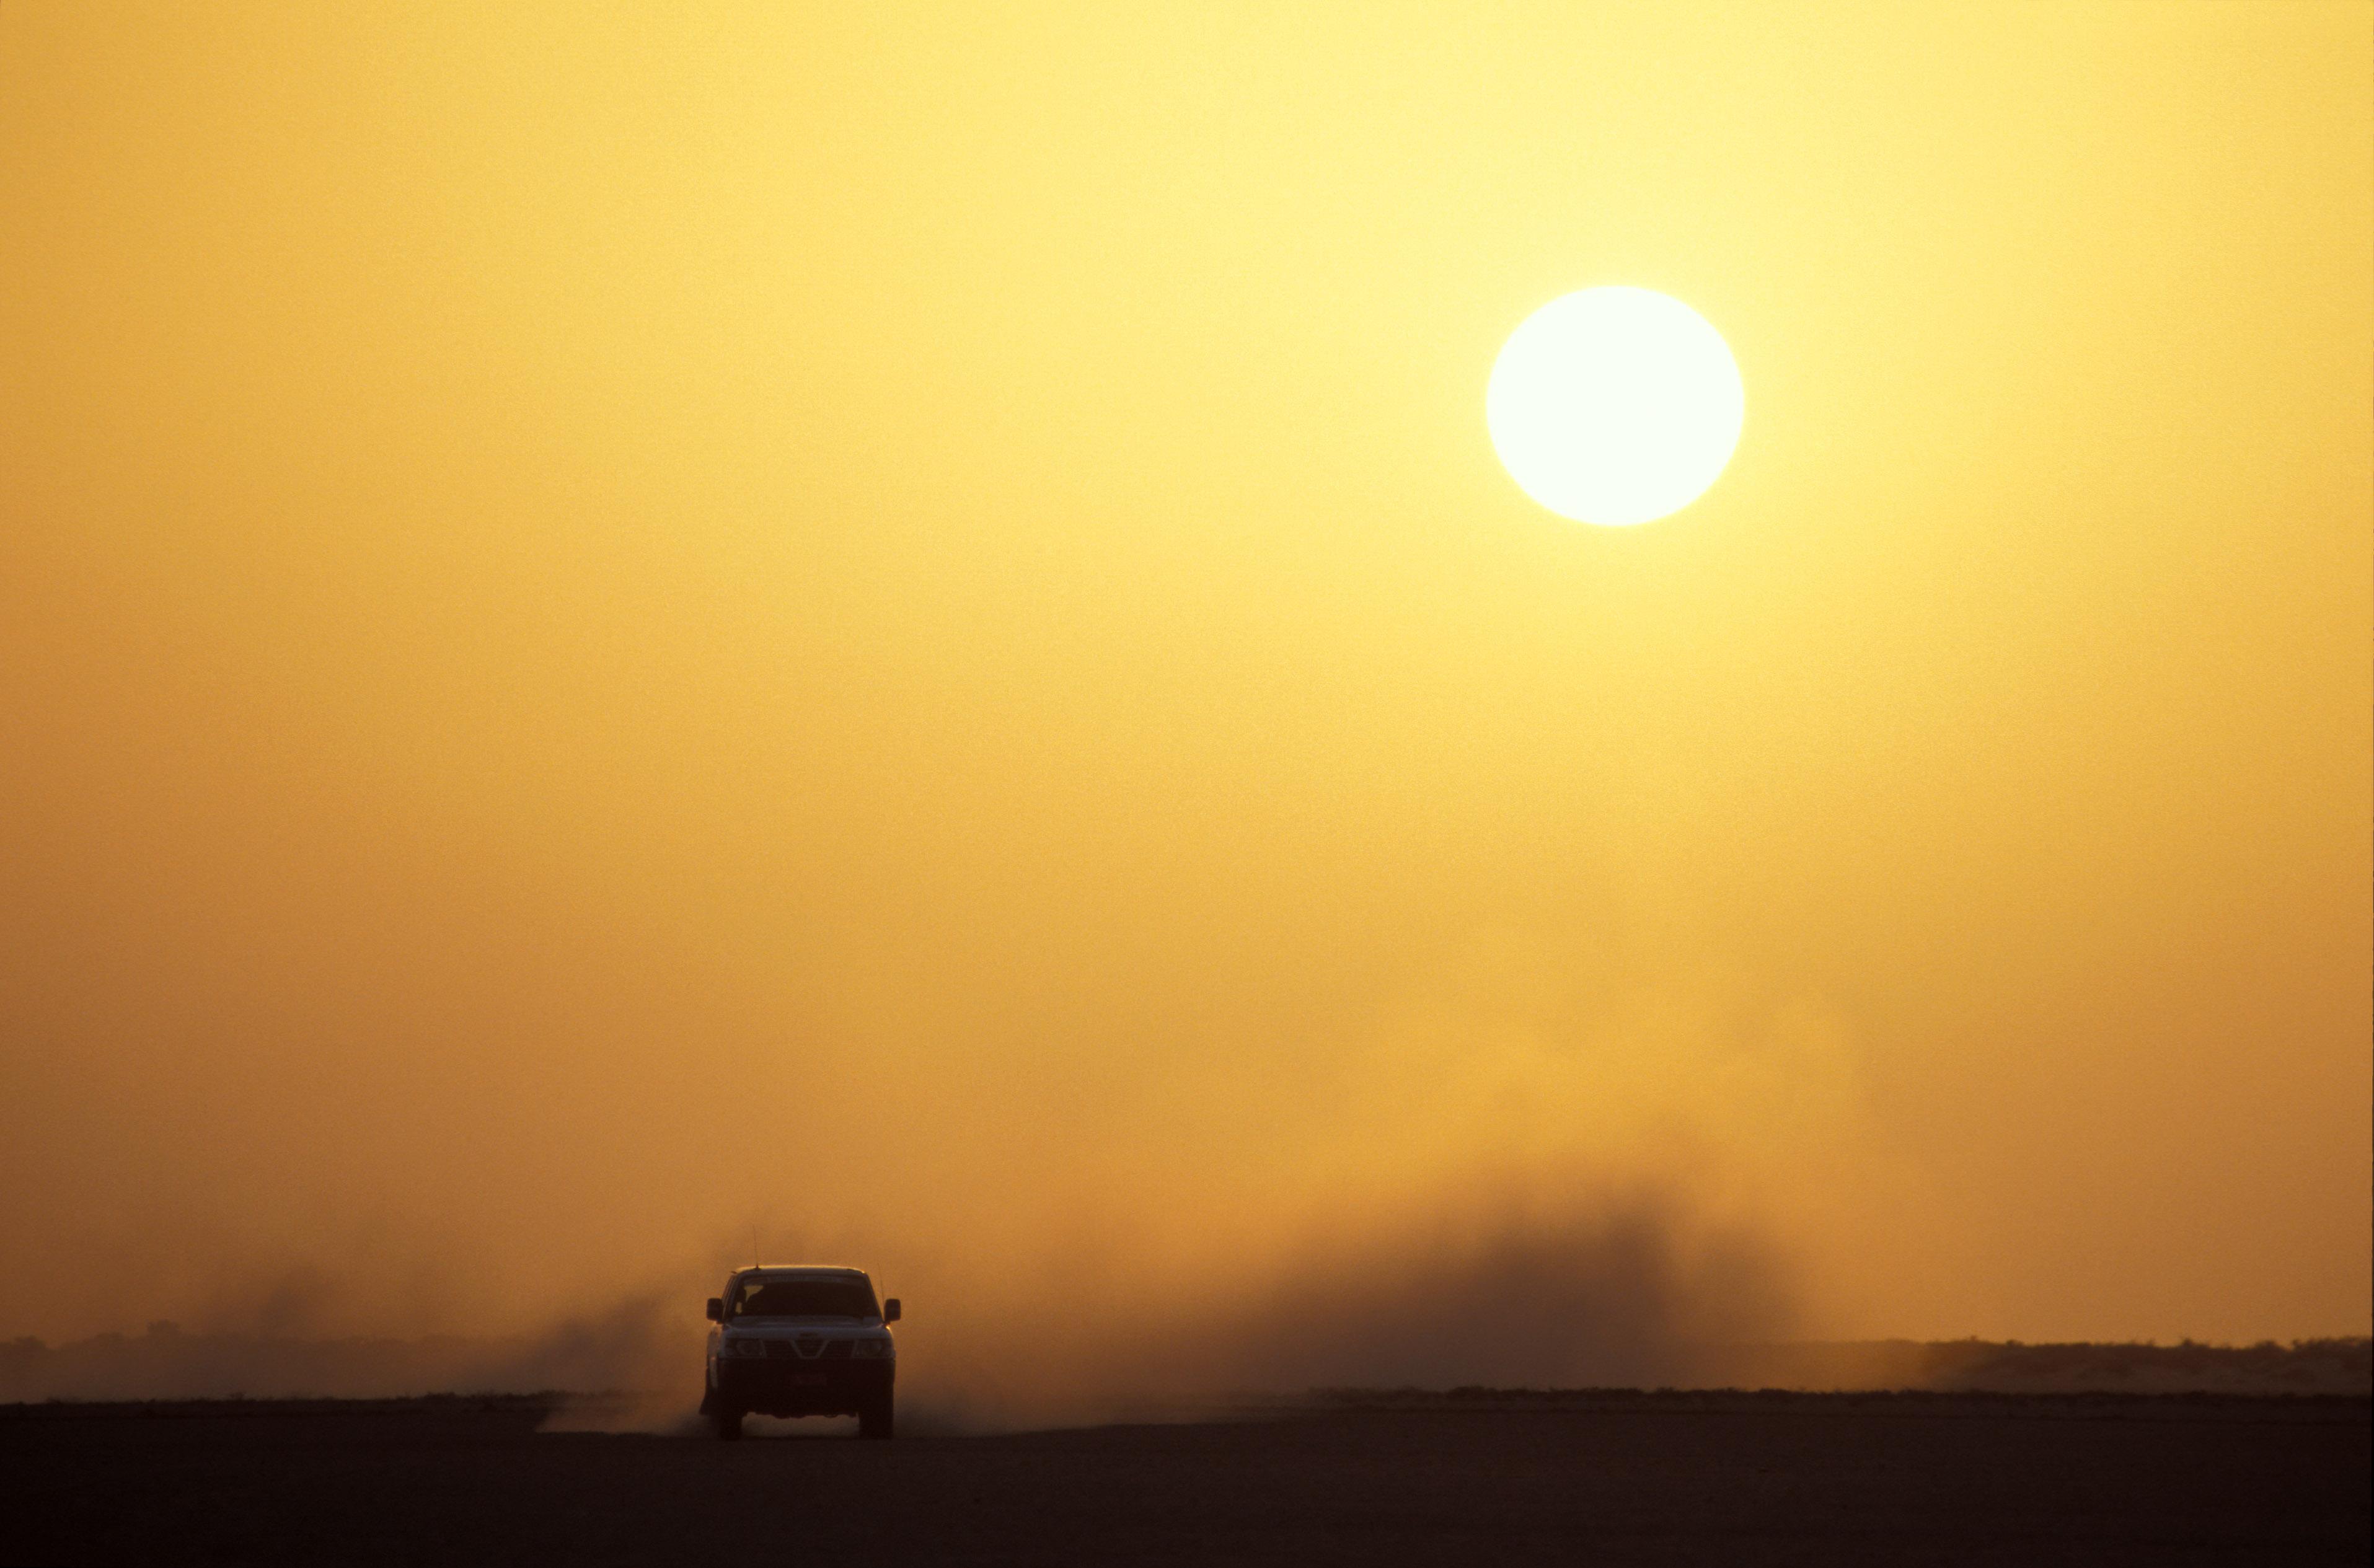 sultanat oman - jeep in der wueste - mietwagentour - selbstfahrerreise